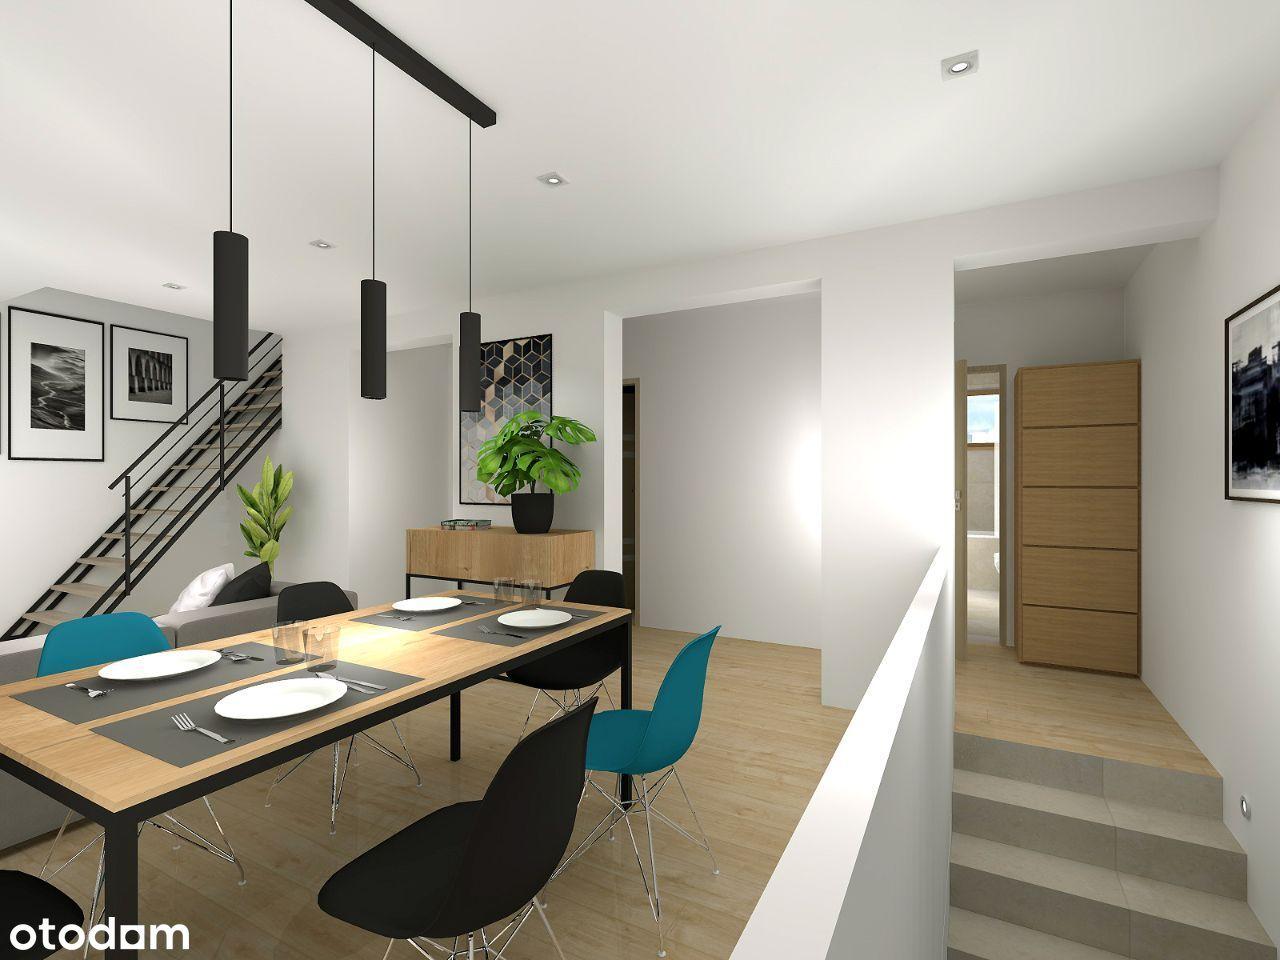 APARTAMENT loggia +ogród 34 m2+parking - 389000 zl